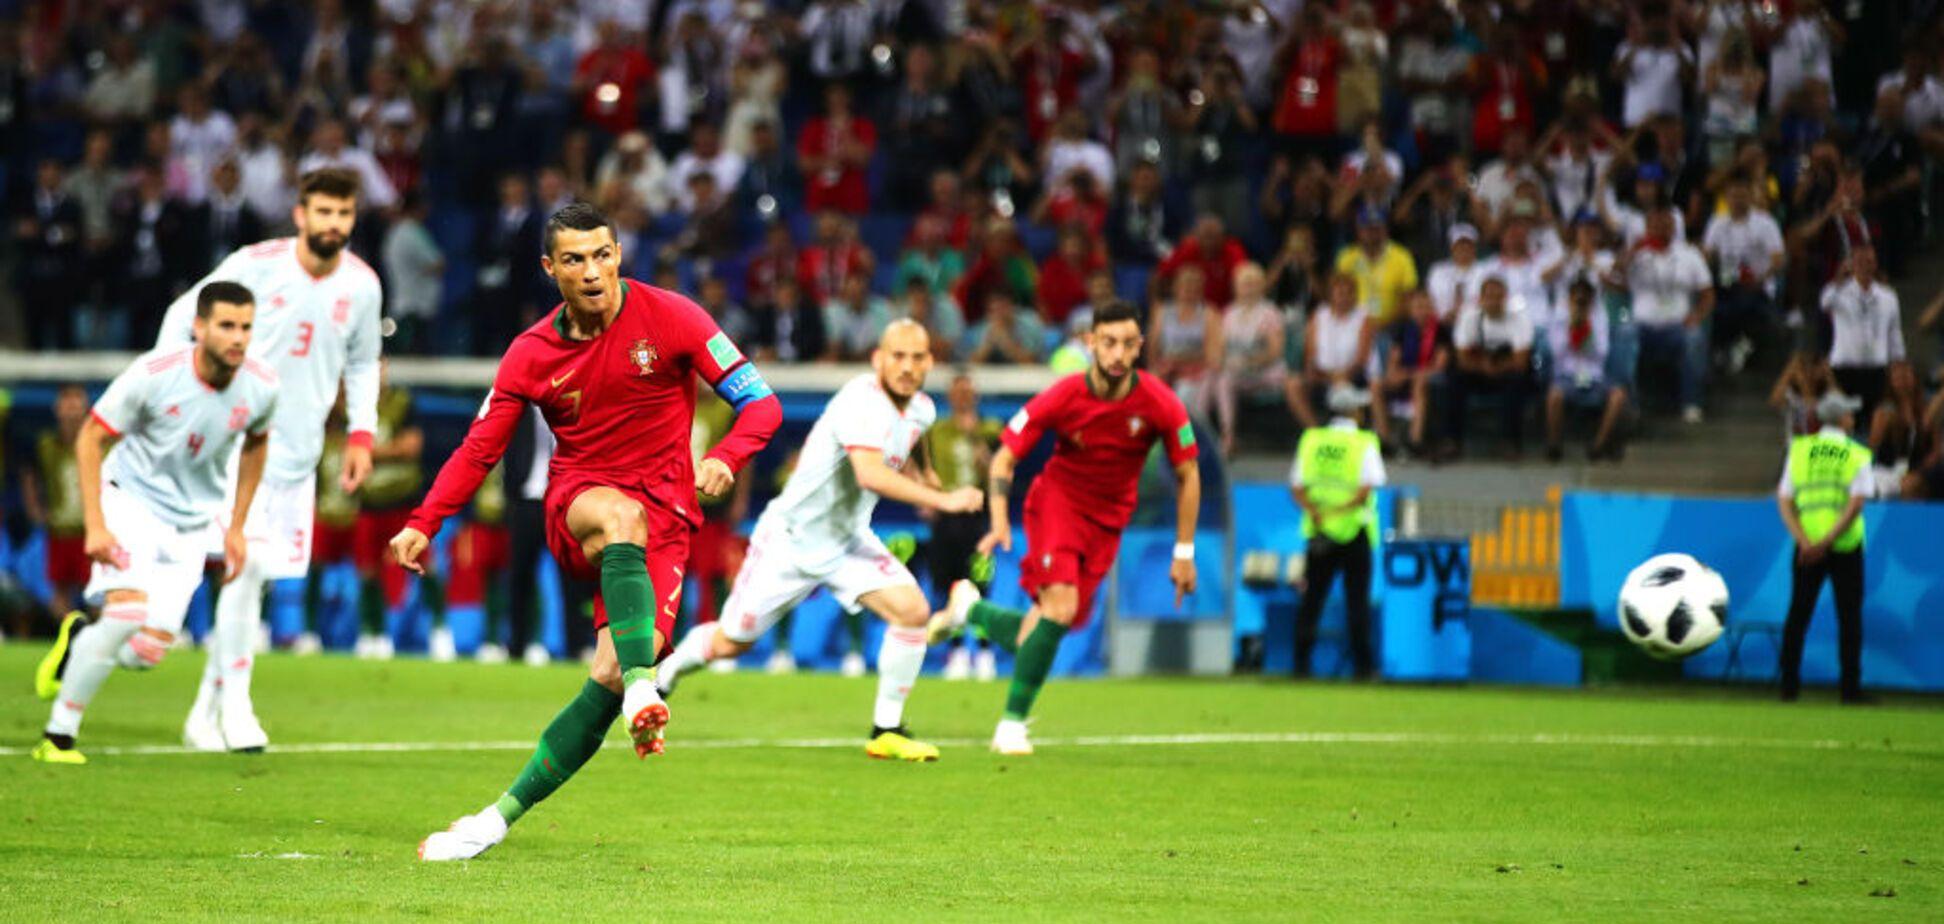 Дубль Кавані! Уругвай - Португалія: онлайн-трансляція матчу 1/8 фіналу ЧС-2018